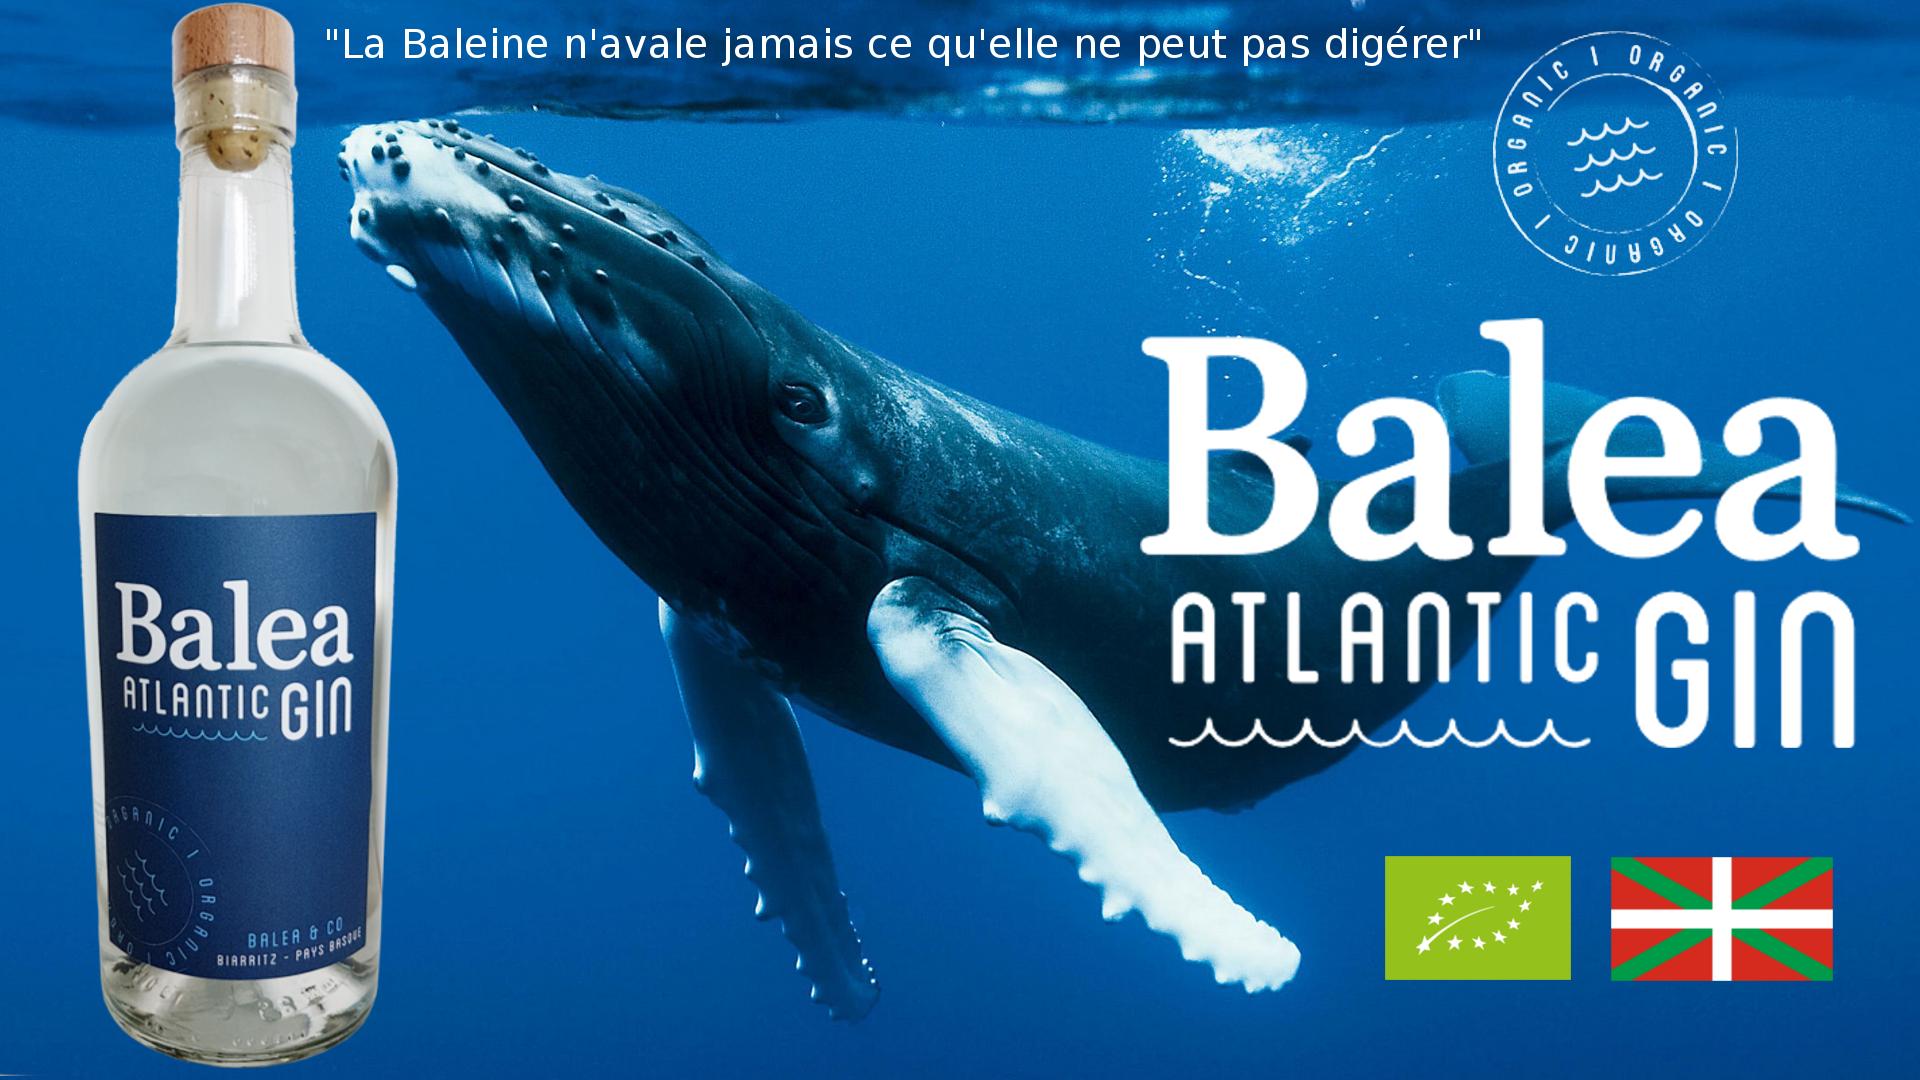 L'océan et la Baleine, source d'inspiration.